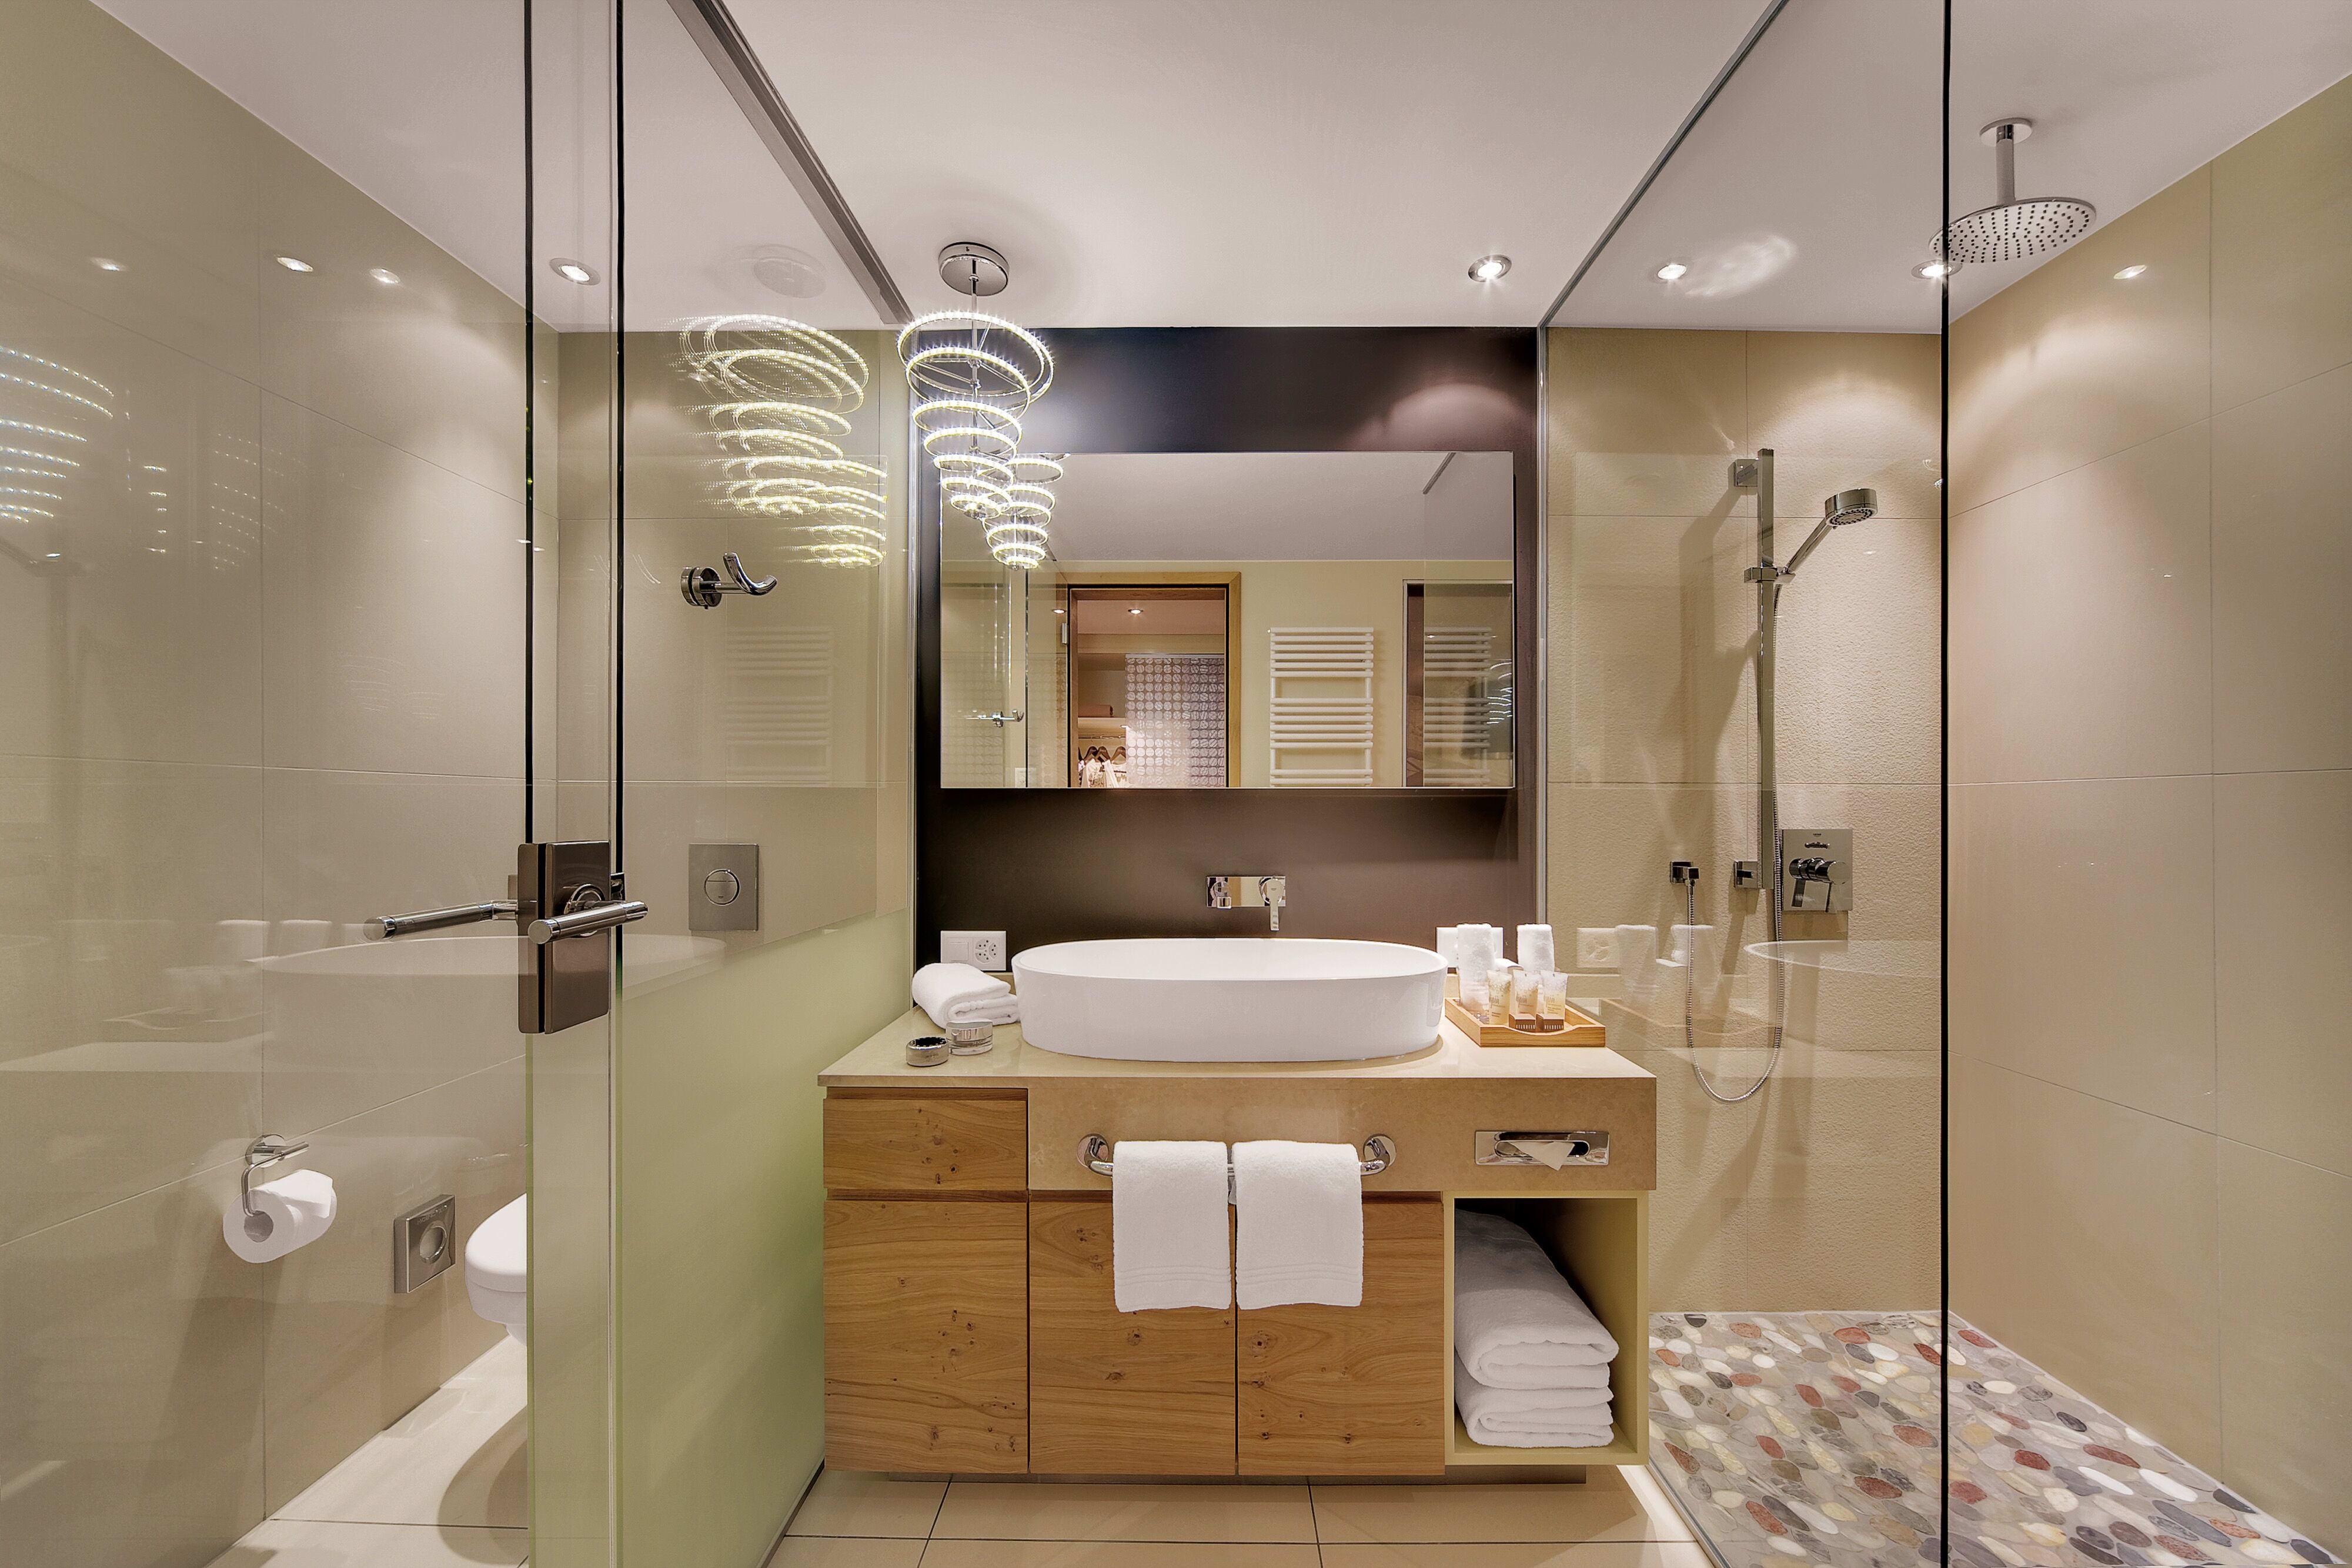 Large room bathroom